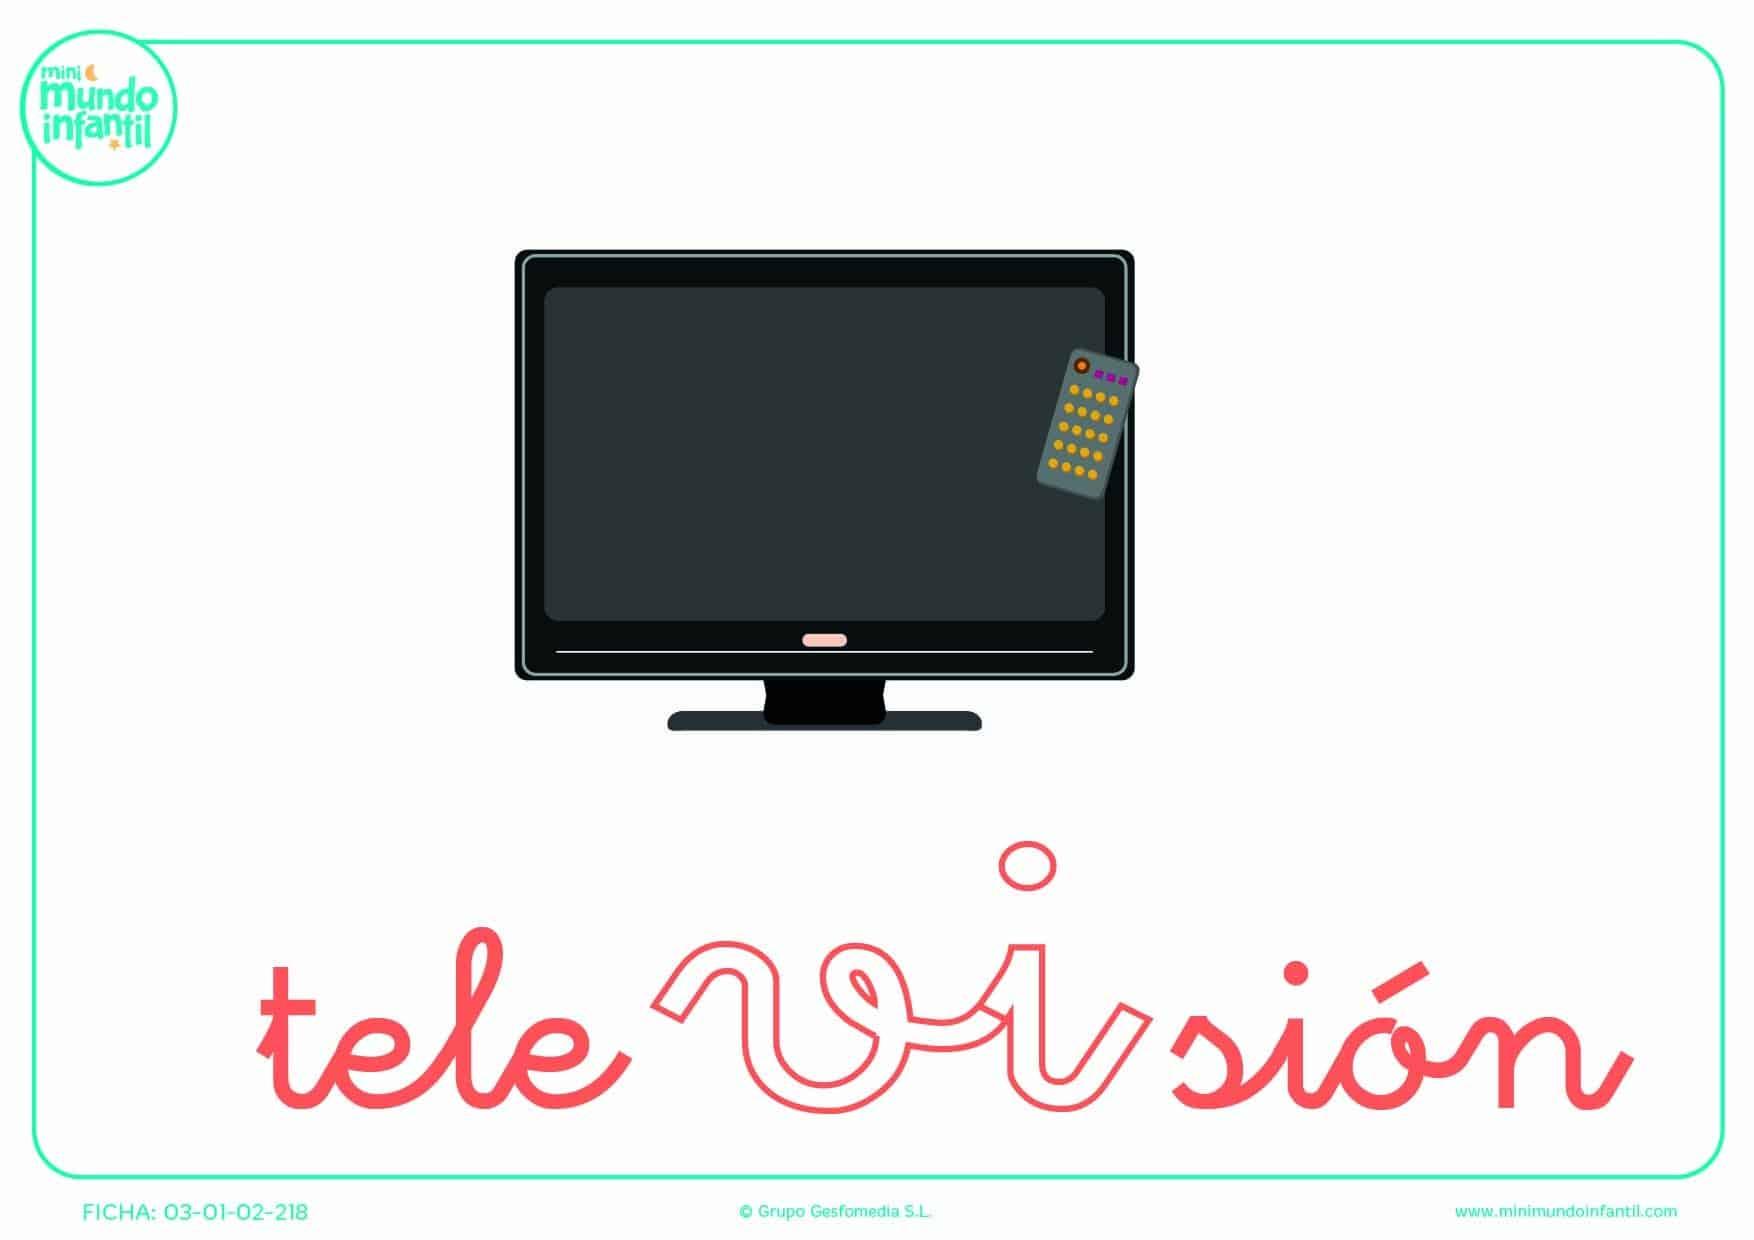 Rellenar la sílaba VI minúscula de televisión